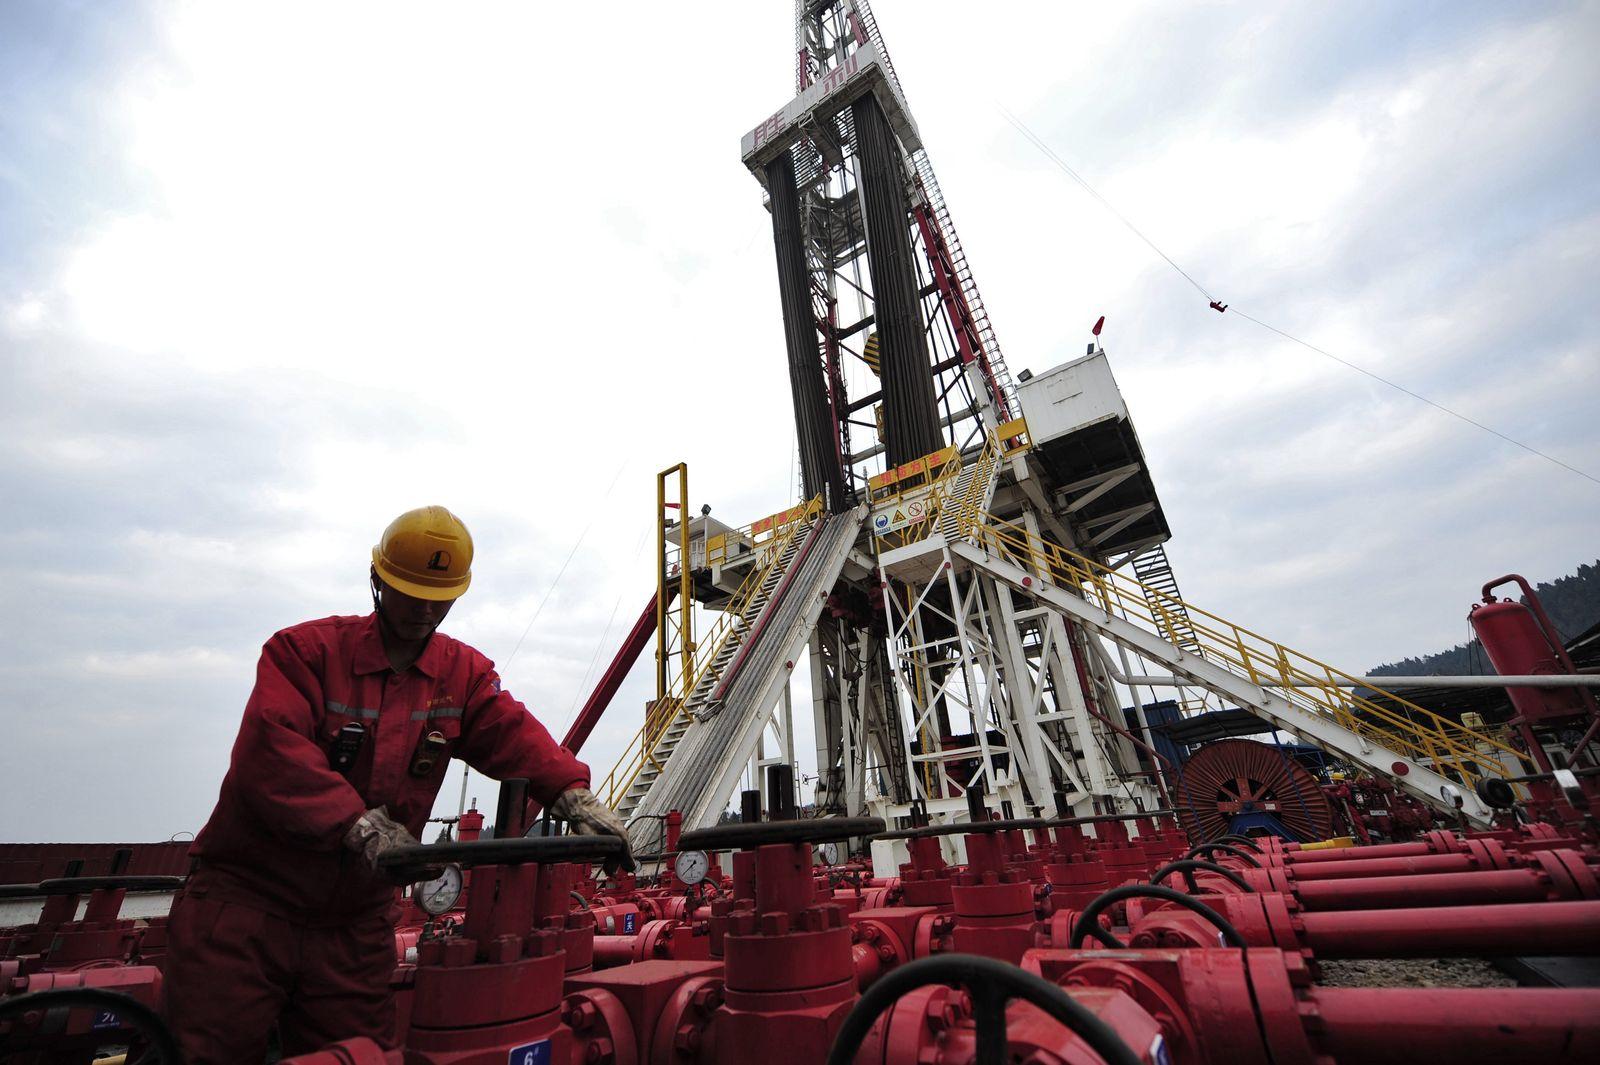 China / Konjunktur / Öl-Industrie / Gas-Industrie / Wirtschaft